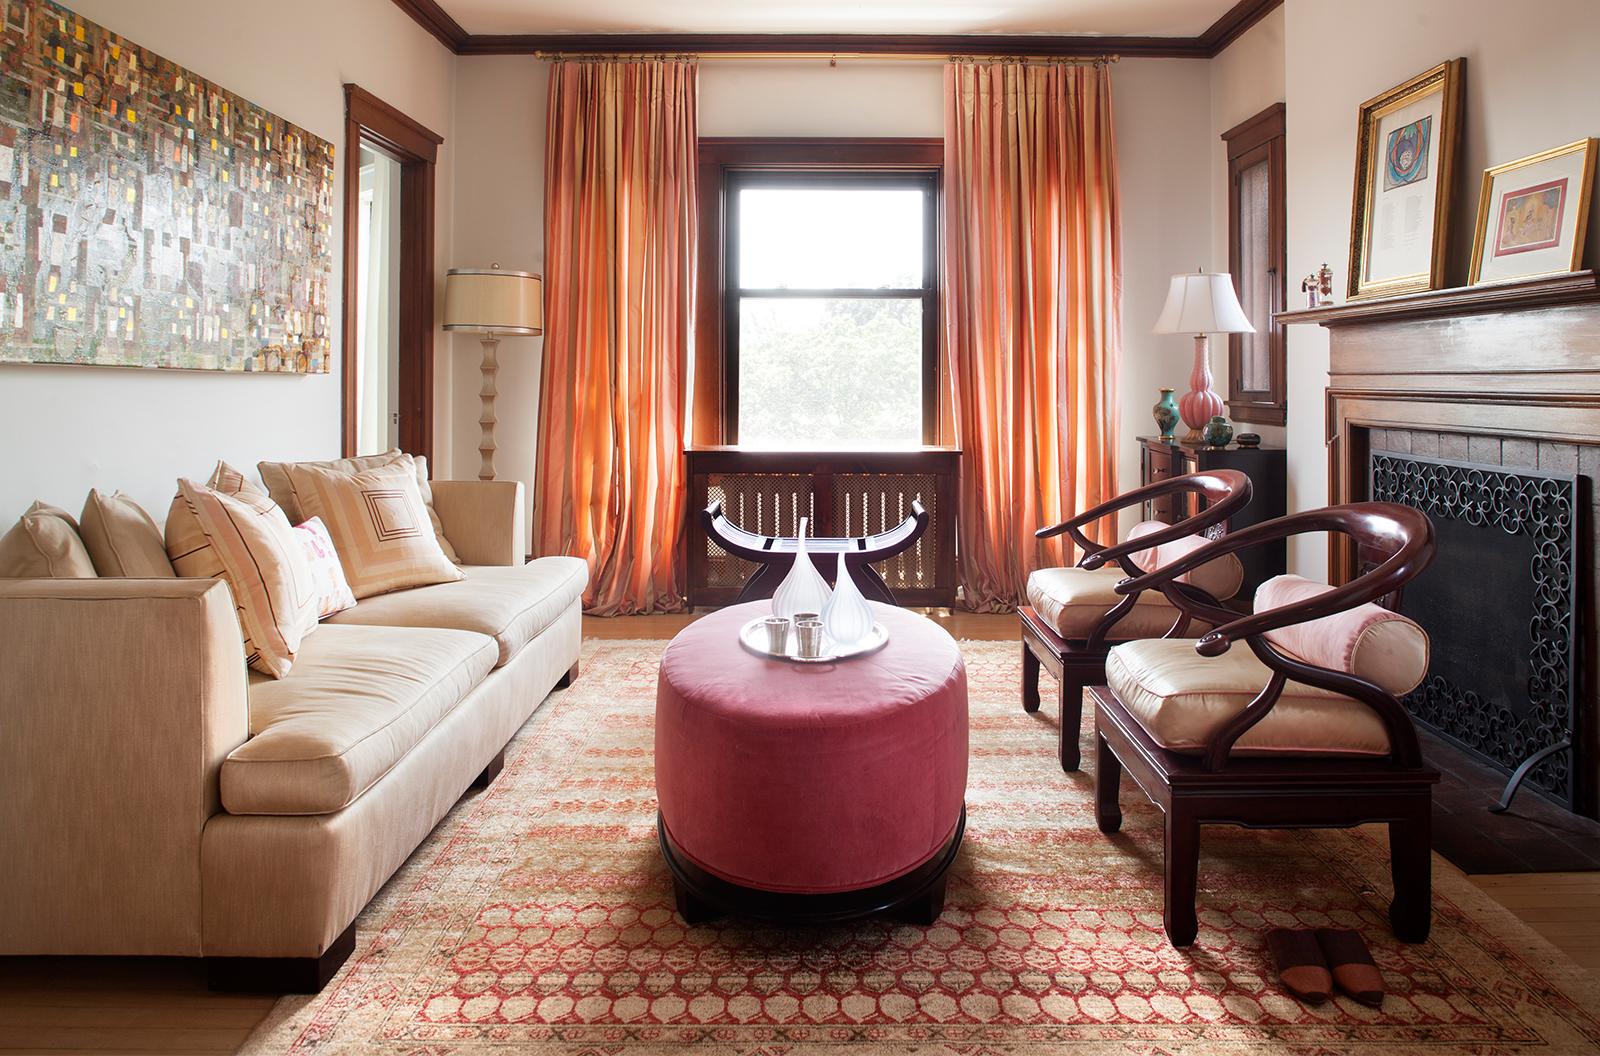 Mandarina Studio Boston interior design contemporary bold color 6.jpg